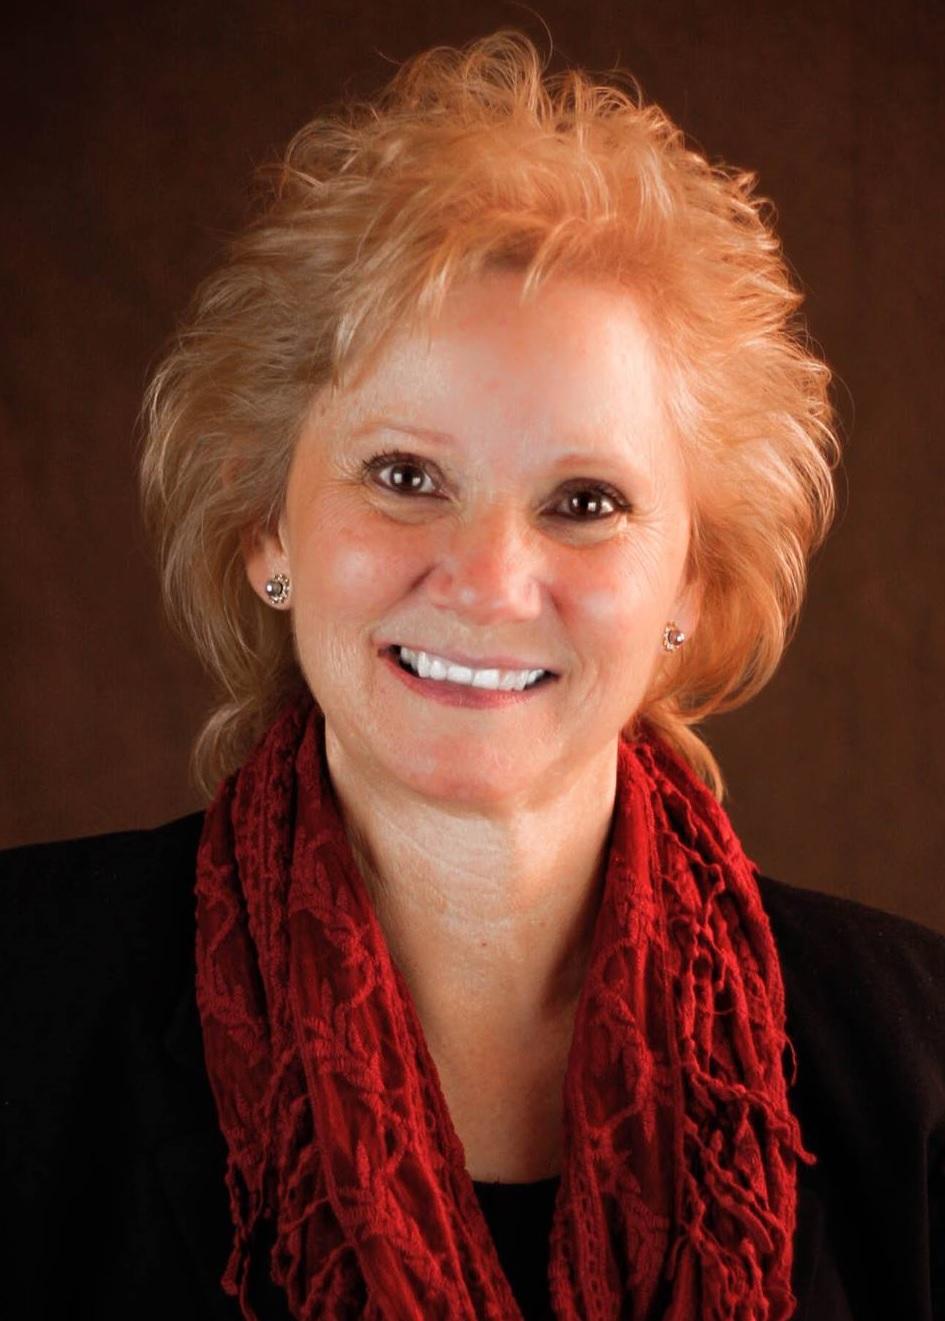 Sally Magoon